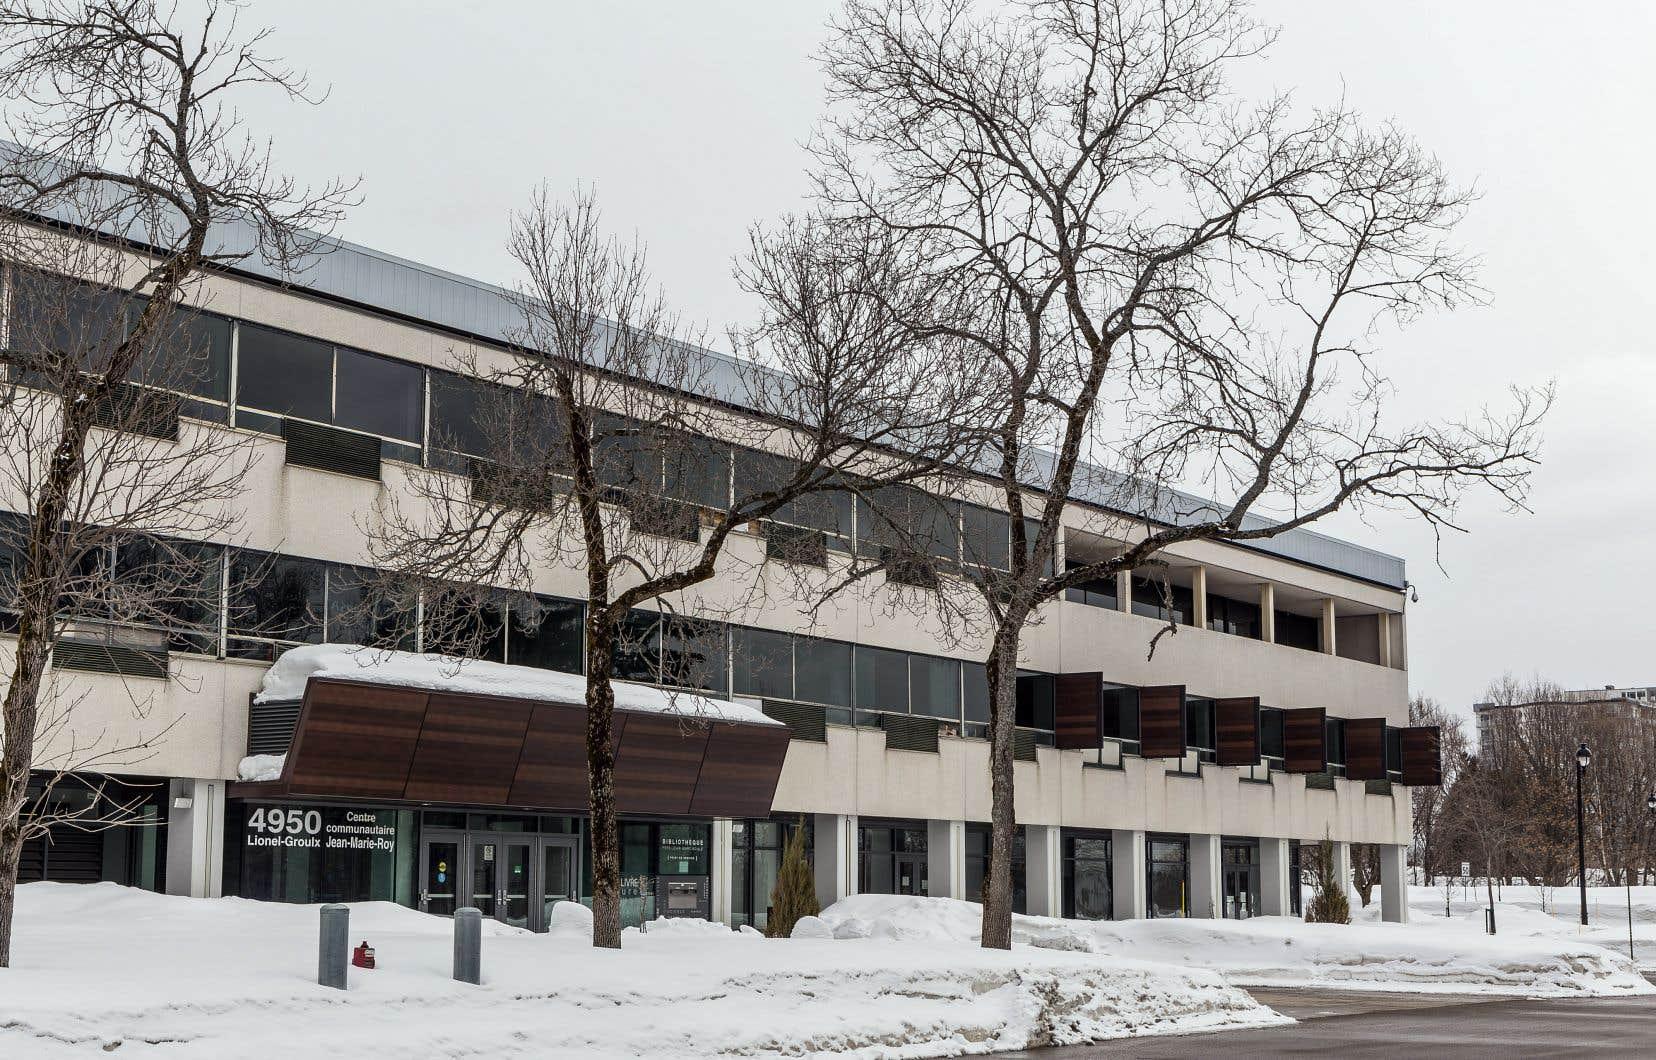 Le bâtiment, créé par l'architecte Jean-Marie Roy, doit être détruit afin de soulager les finances de Saint-Augustin-de-Desmaures.